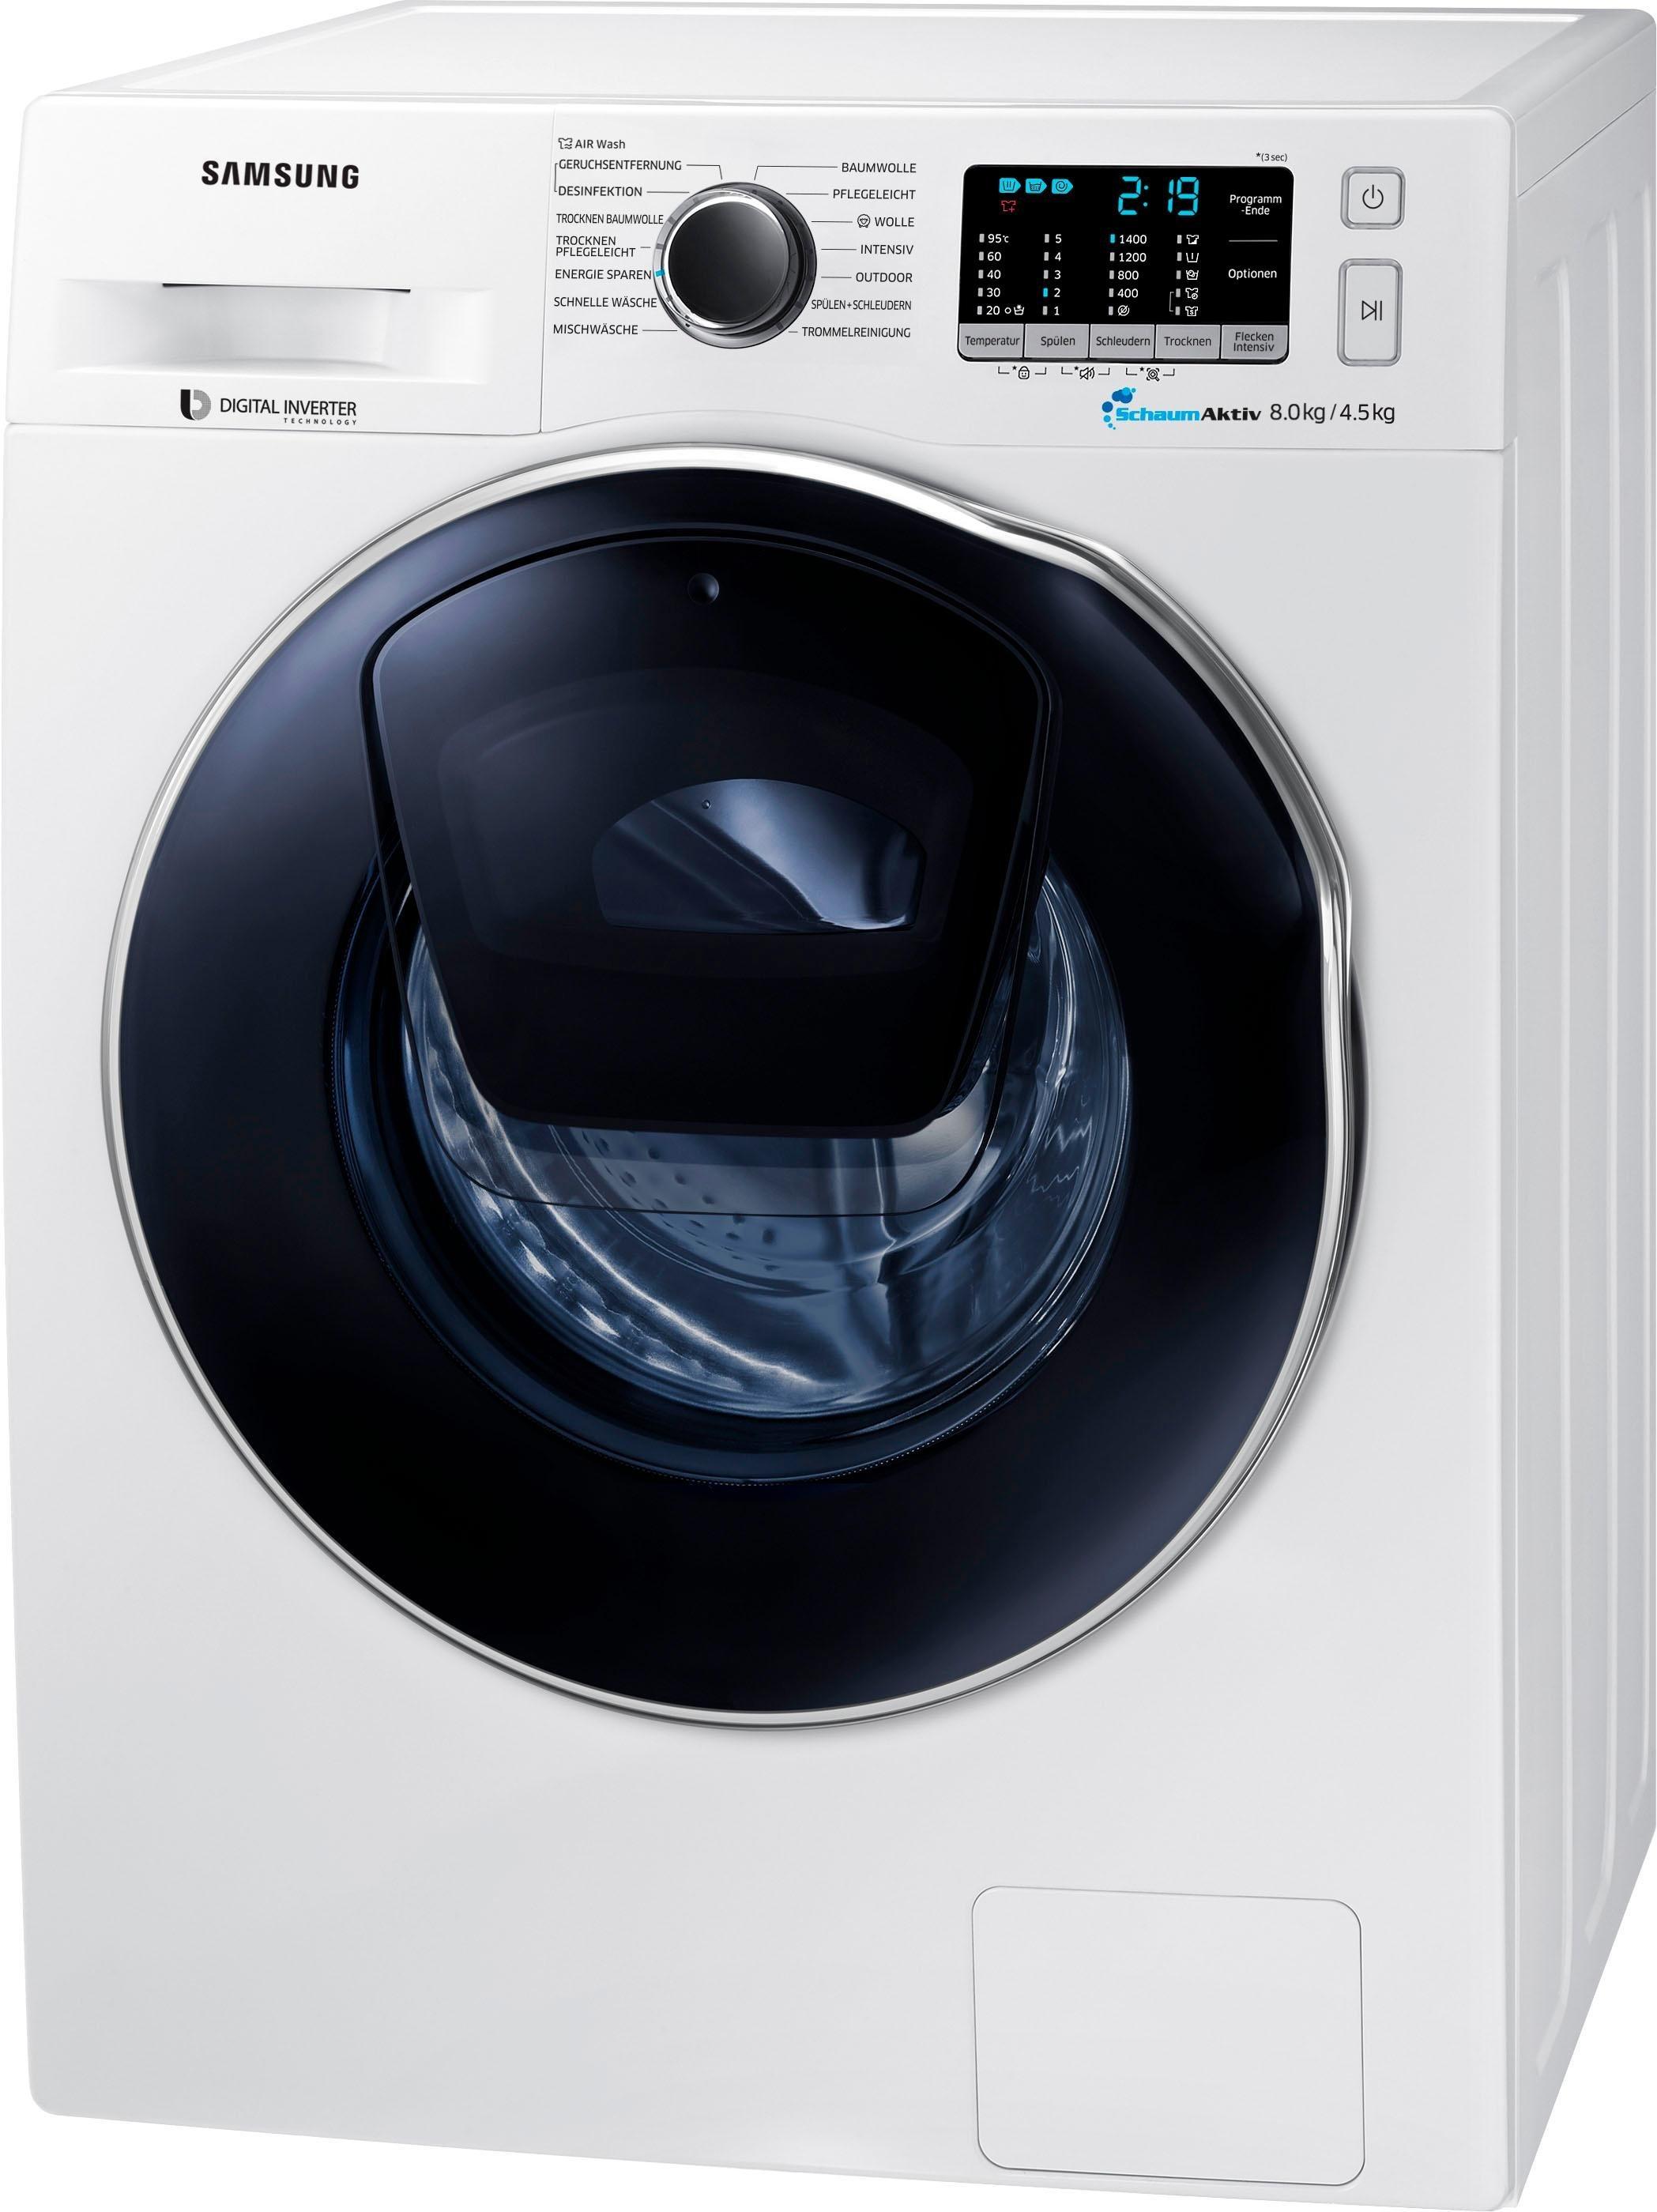 Samsung Waschtrockner WD5500 WD8EK5A00OW/EG, 8 kg/4,5 kg, 1400 U/Min, AddWash